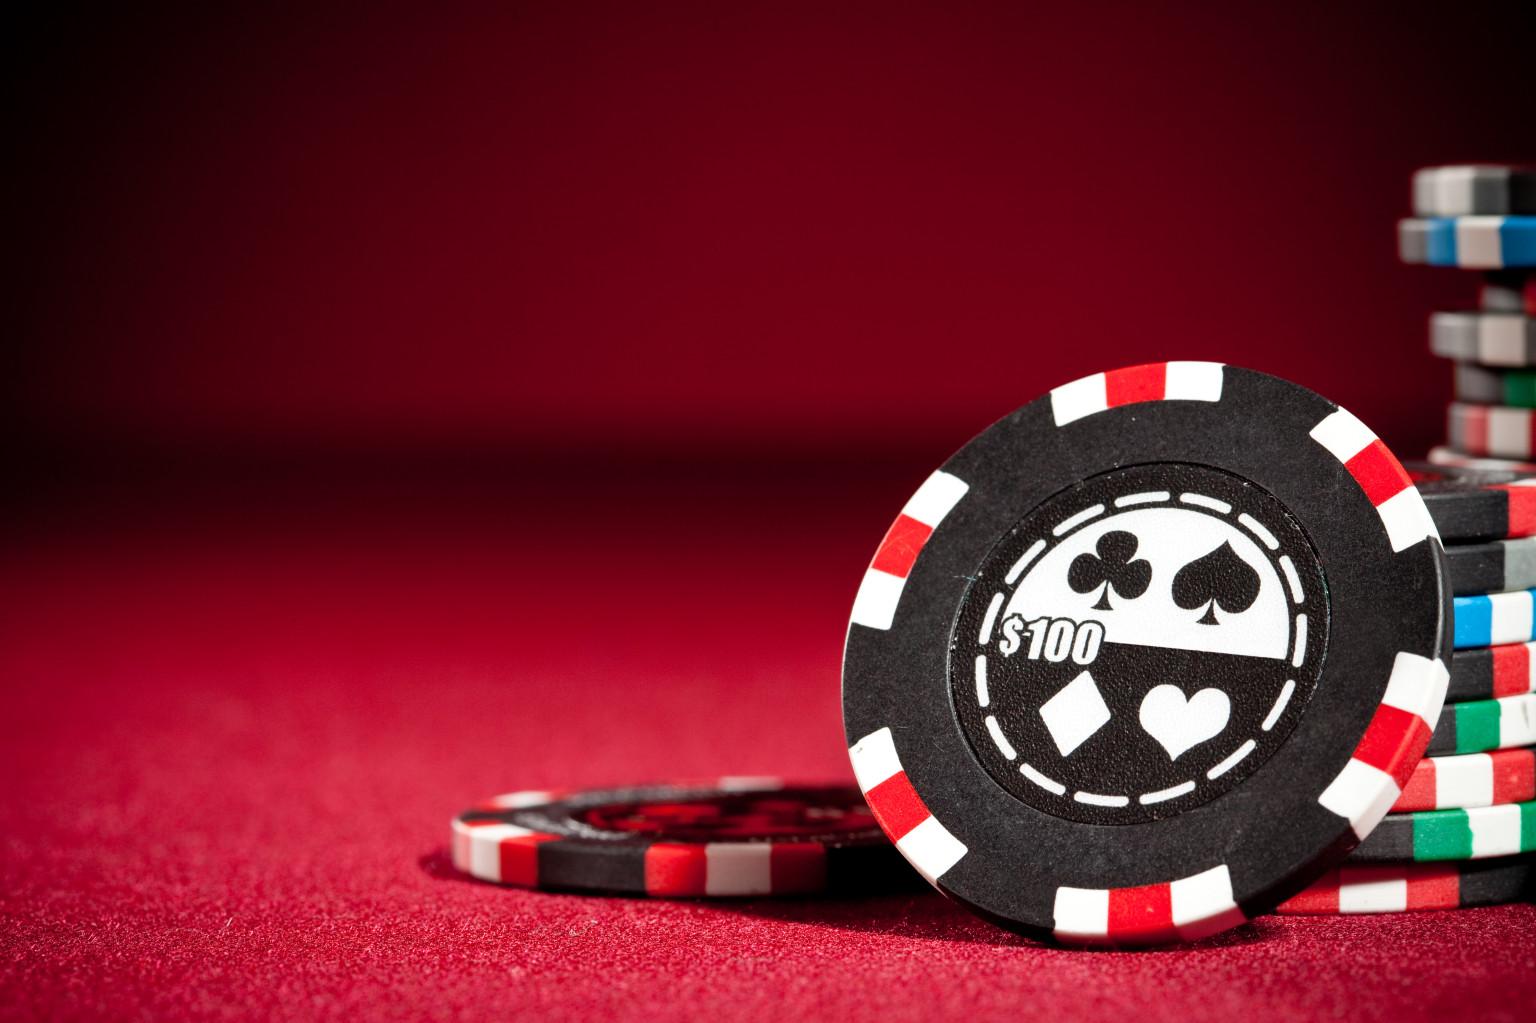 Jeux casino, le rendez-vous des technologies